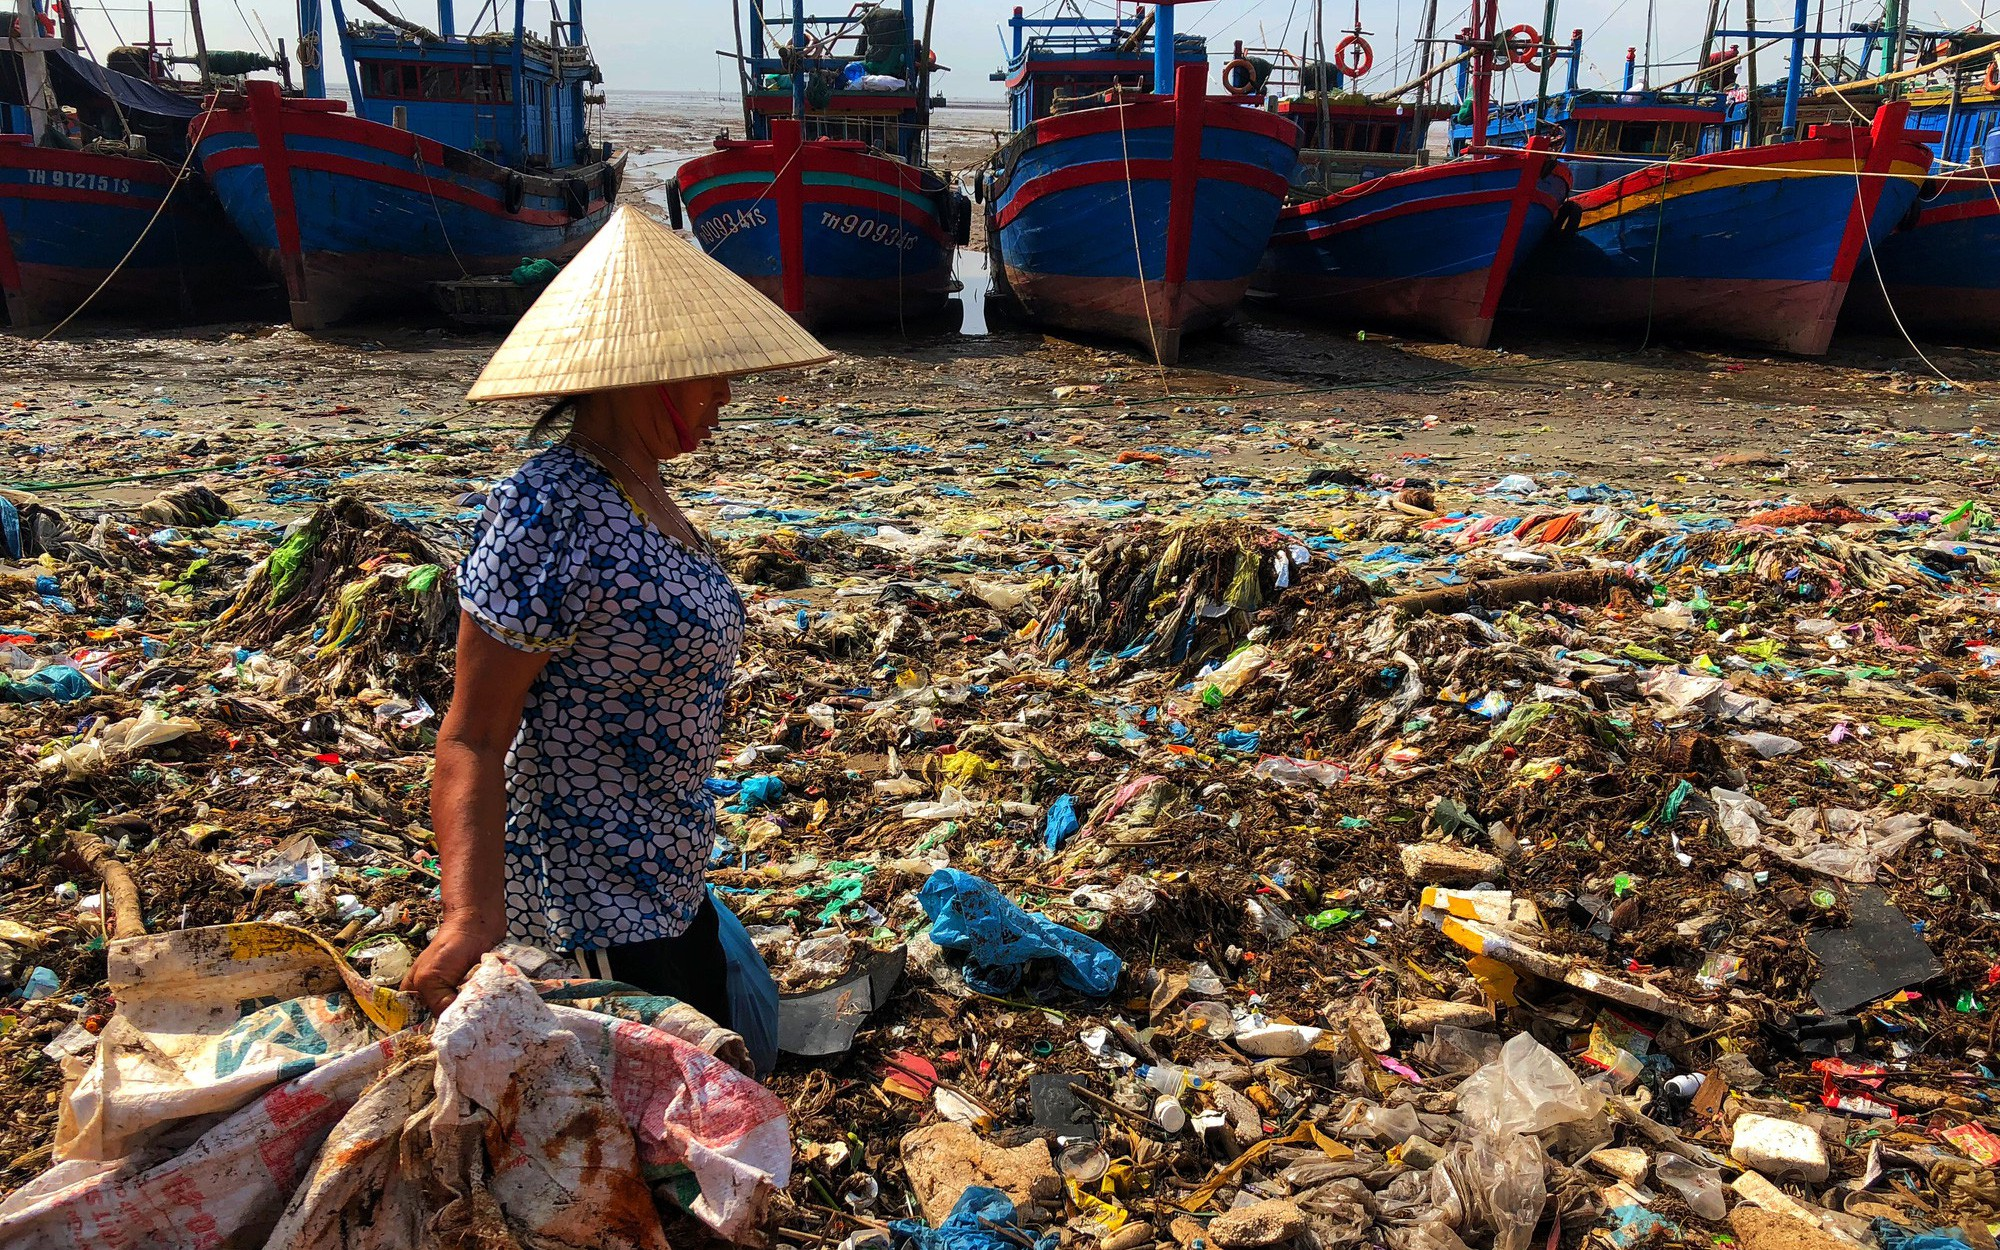 Kinh hoàng biển… rác ở Hậu Lộc, Thanh Hóa